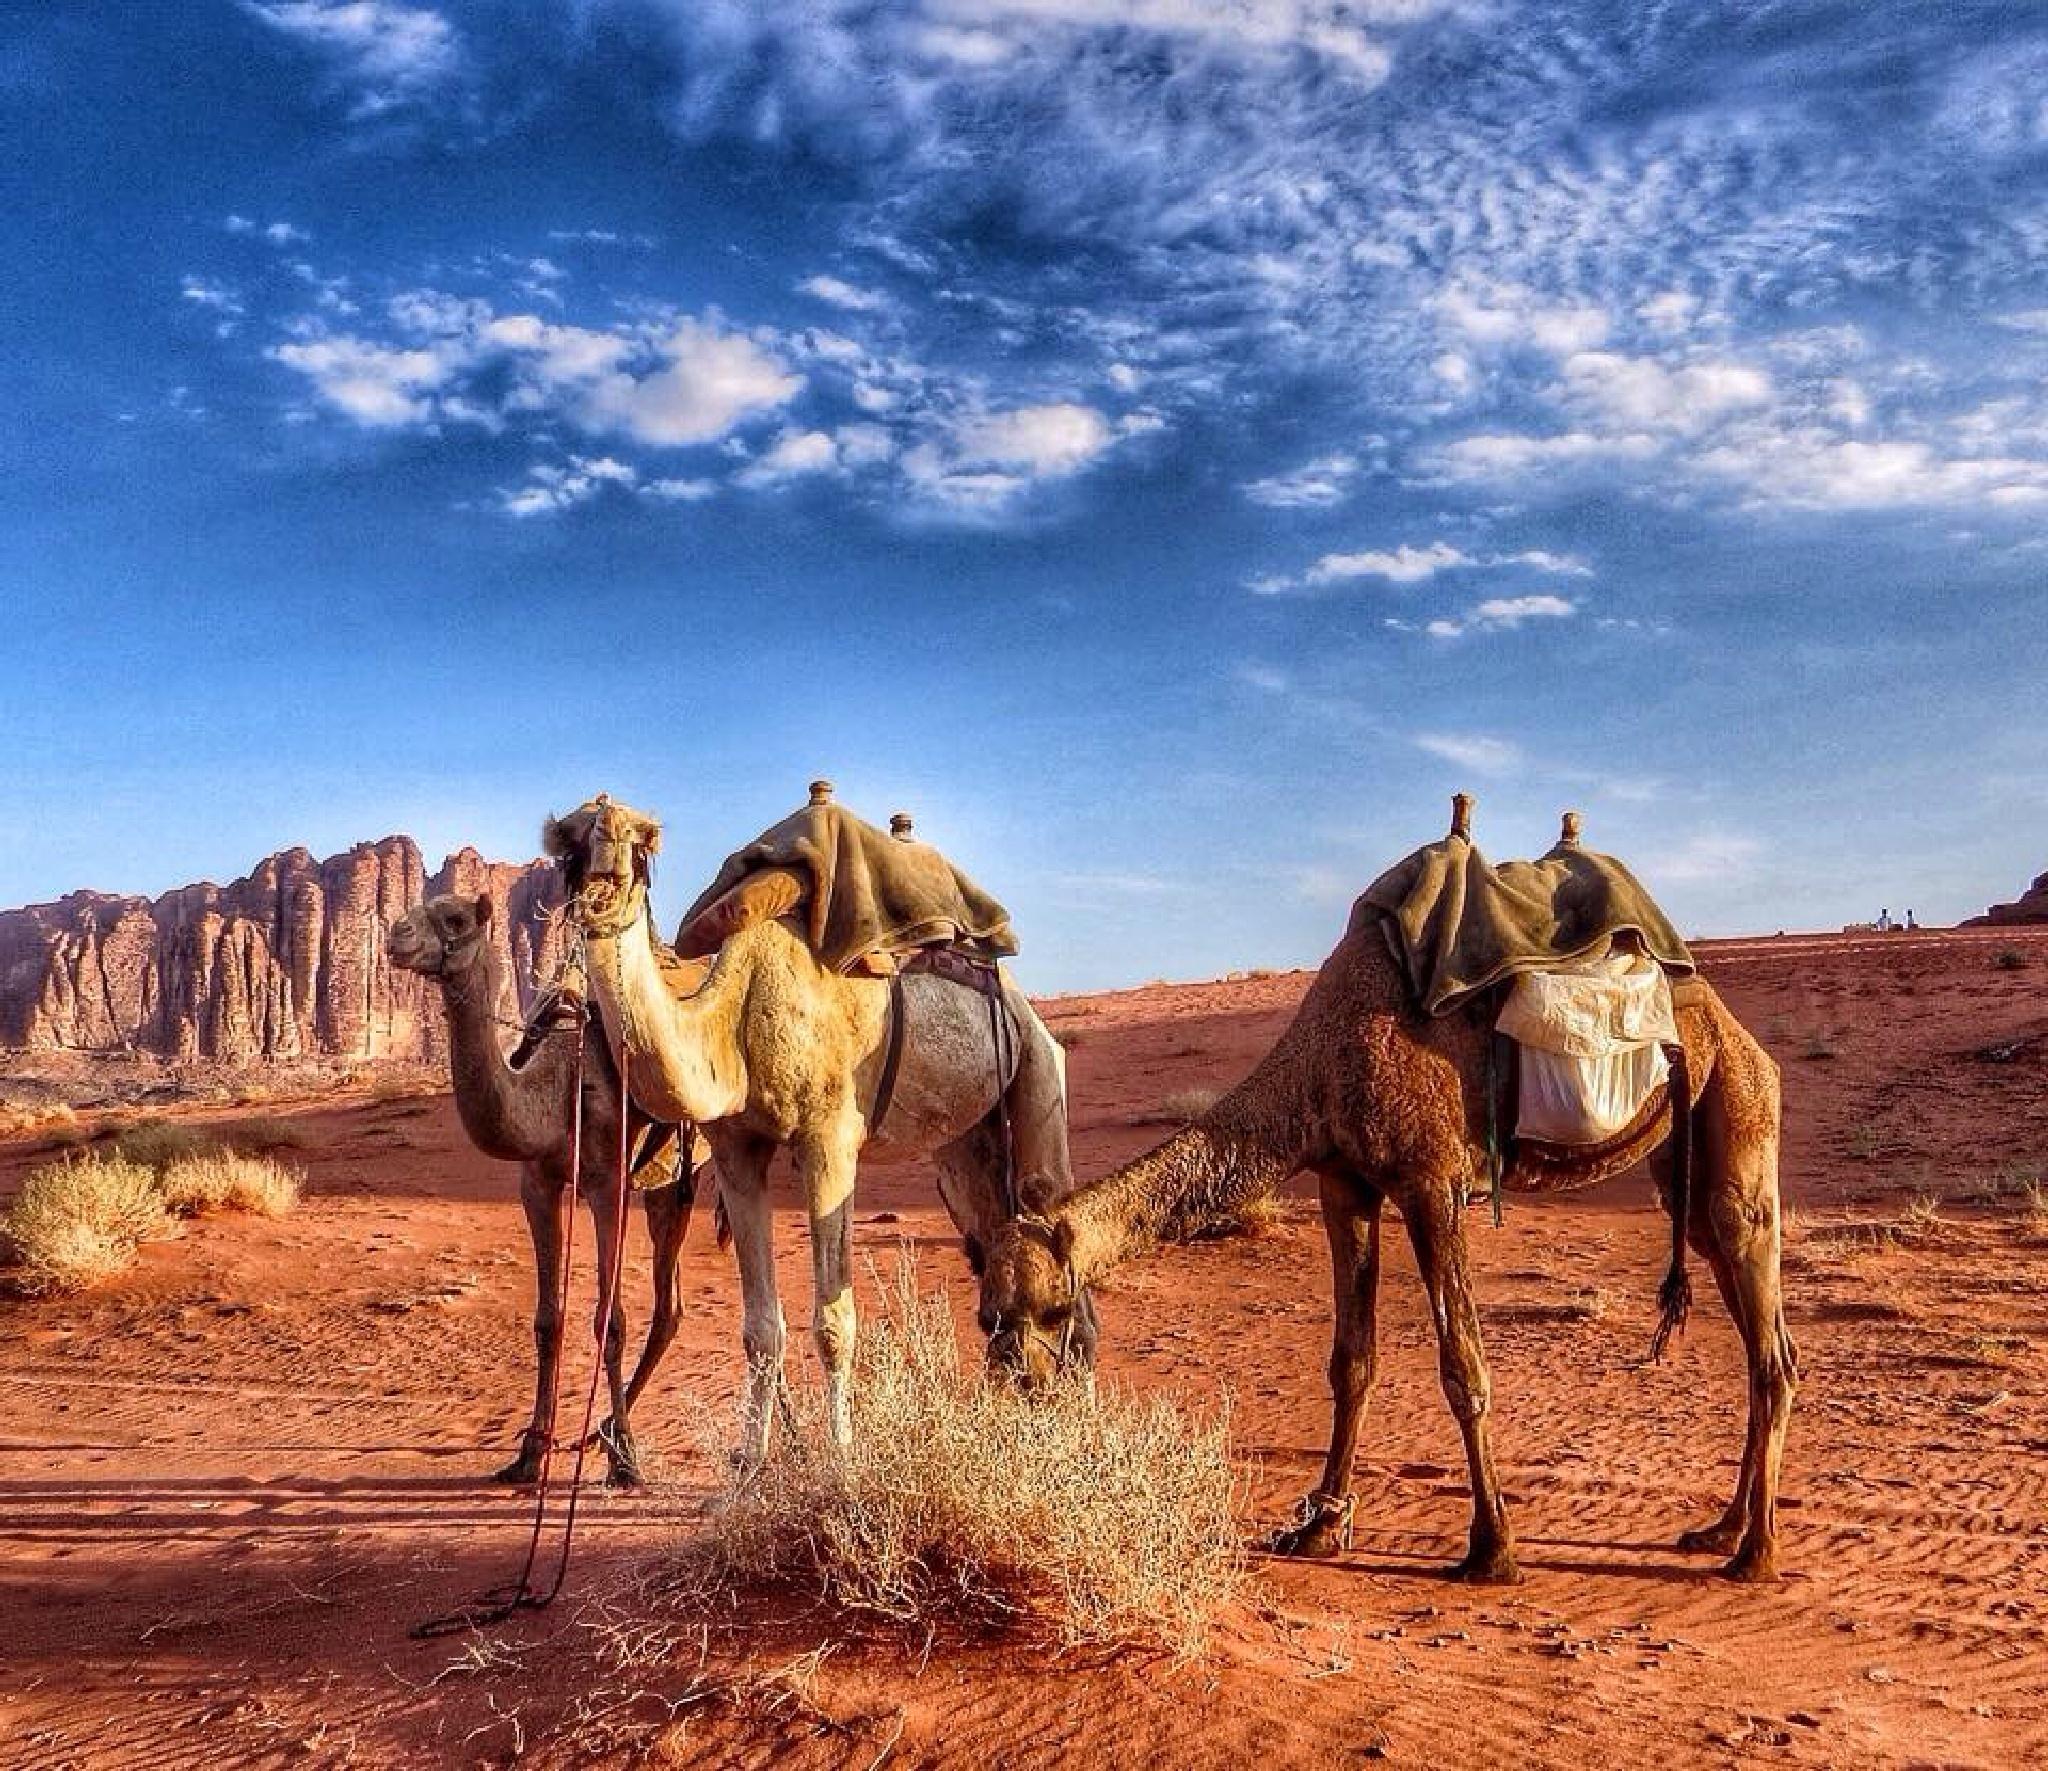 The Sahara by Hikona